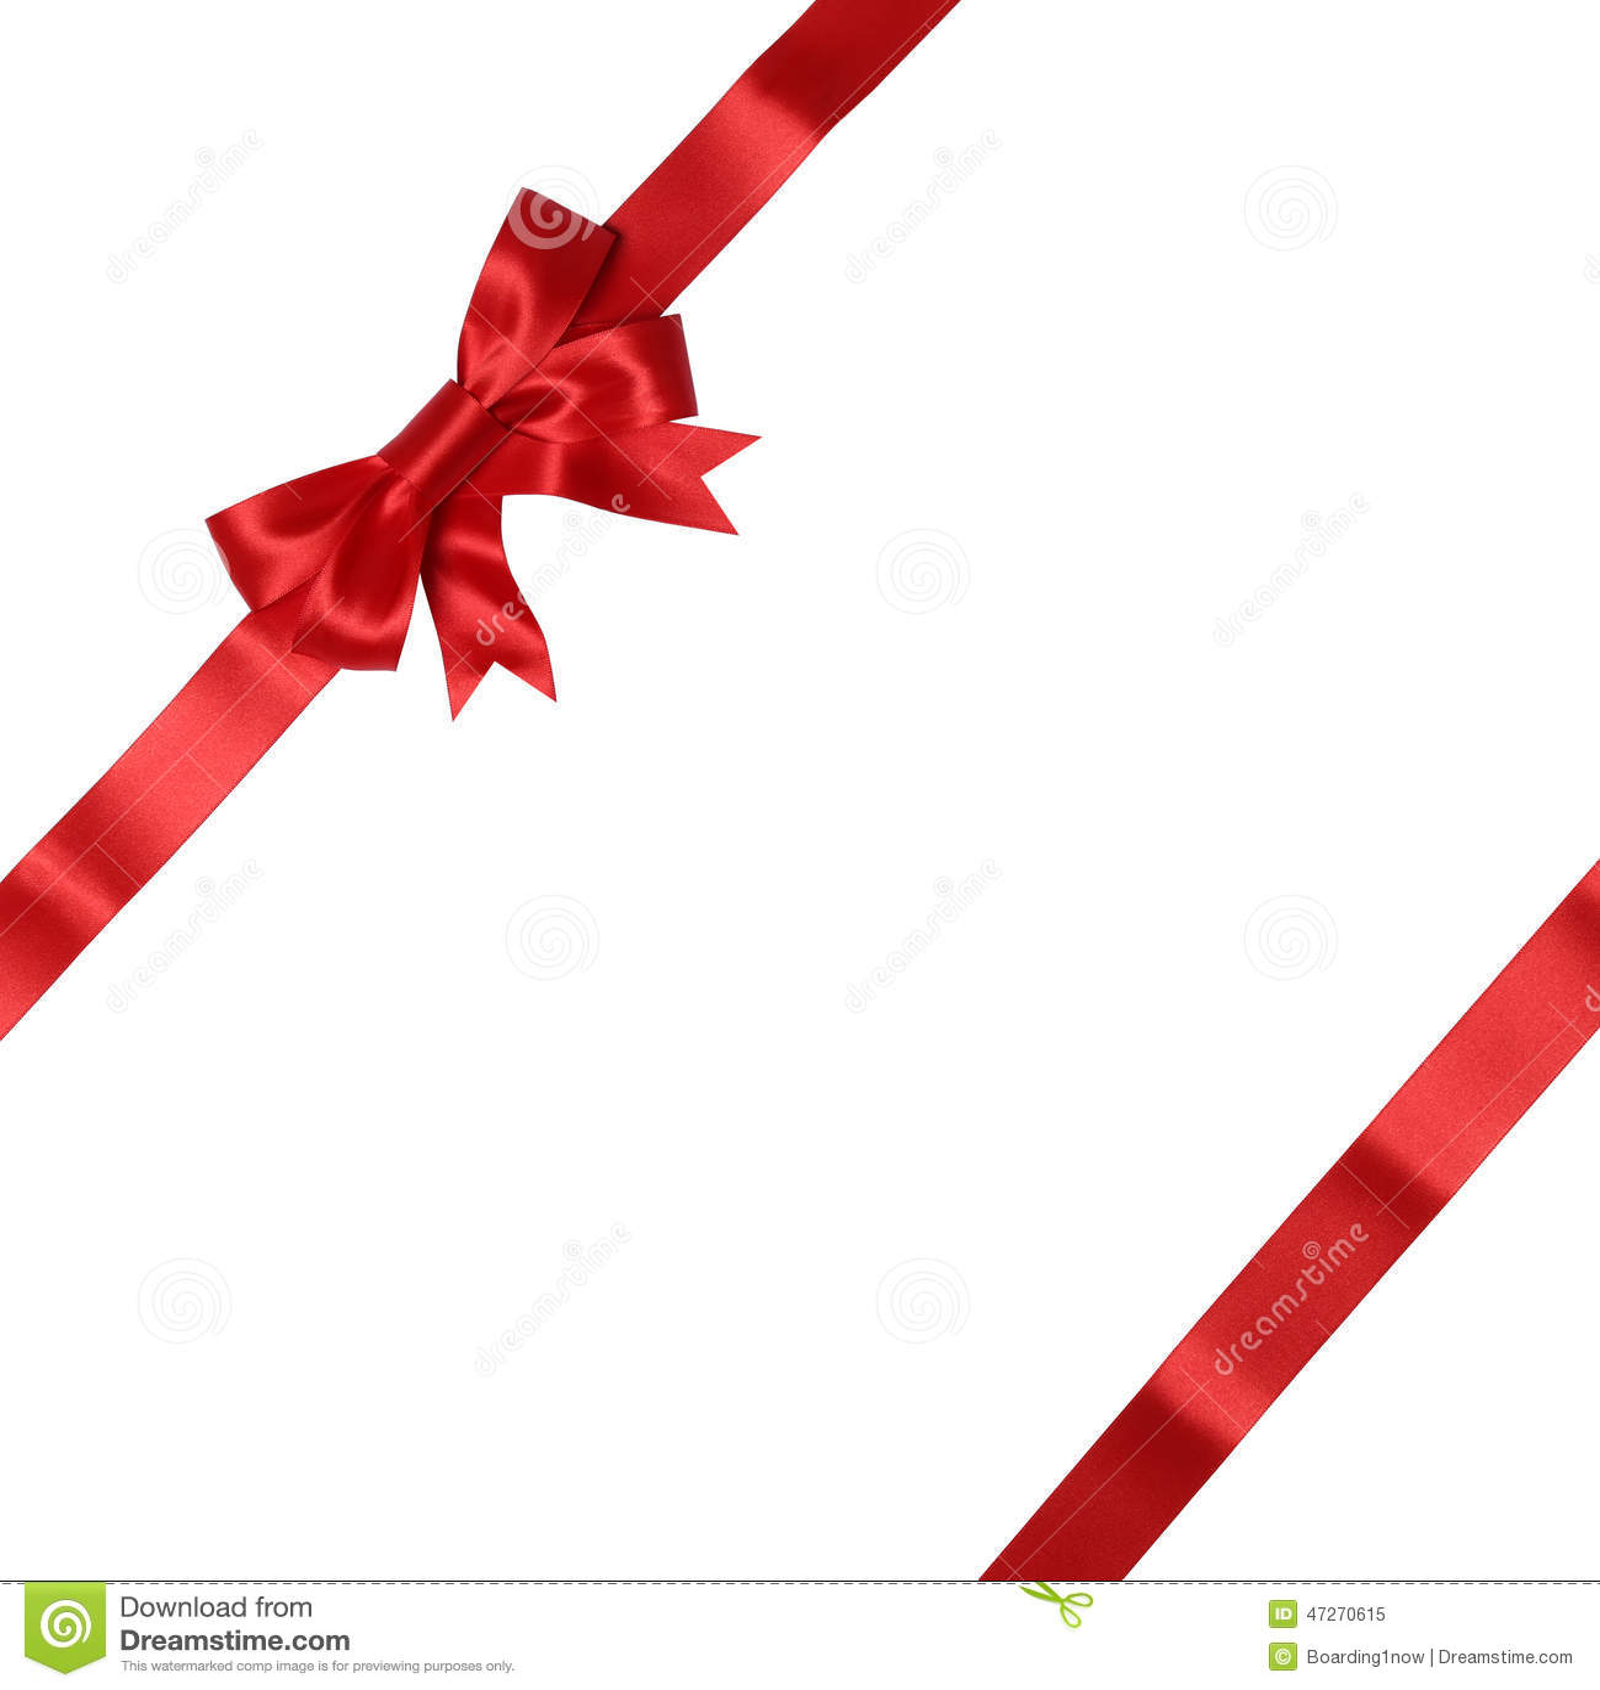 Grußkarte Auf Geschenk Mit Bogen Für Geschenke Auf Weihnachten Oder ...